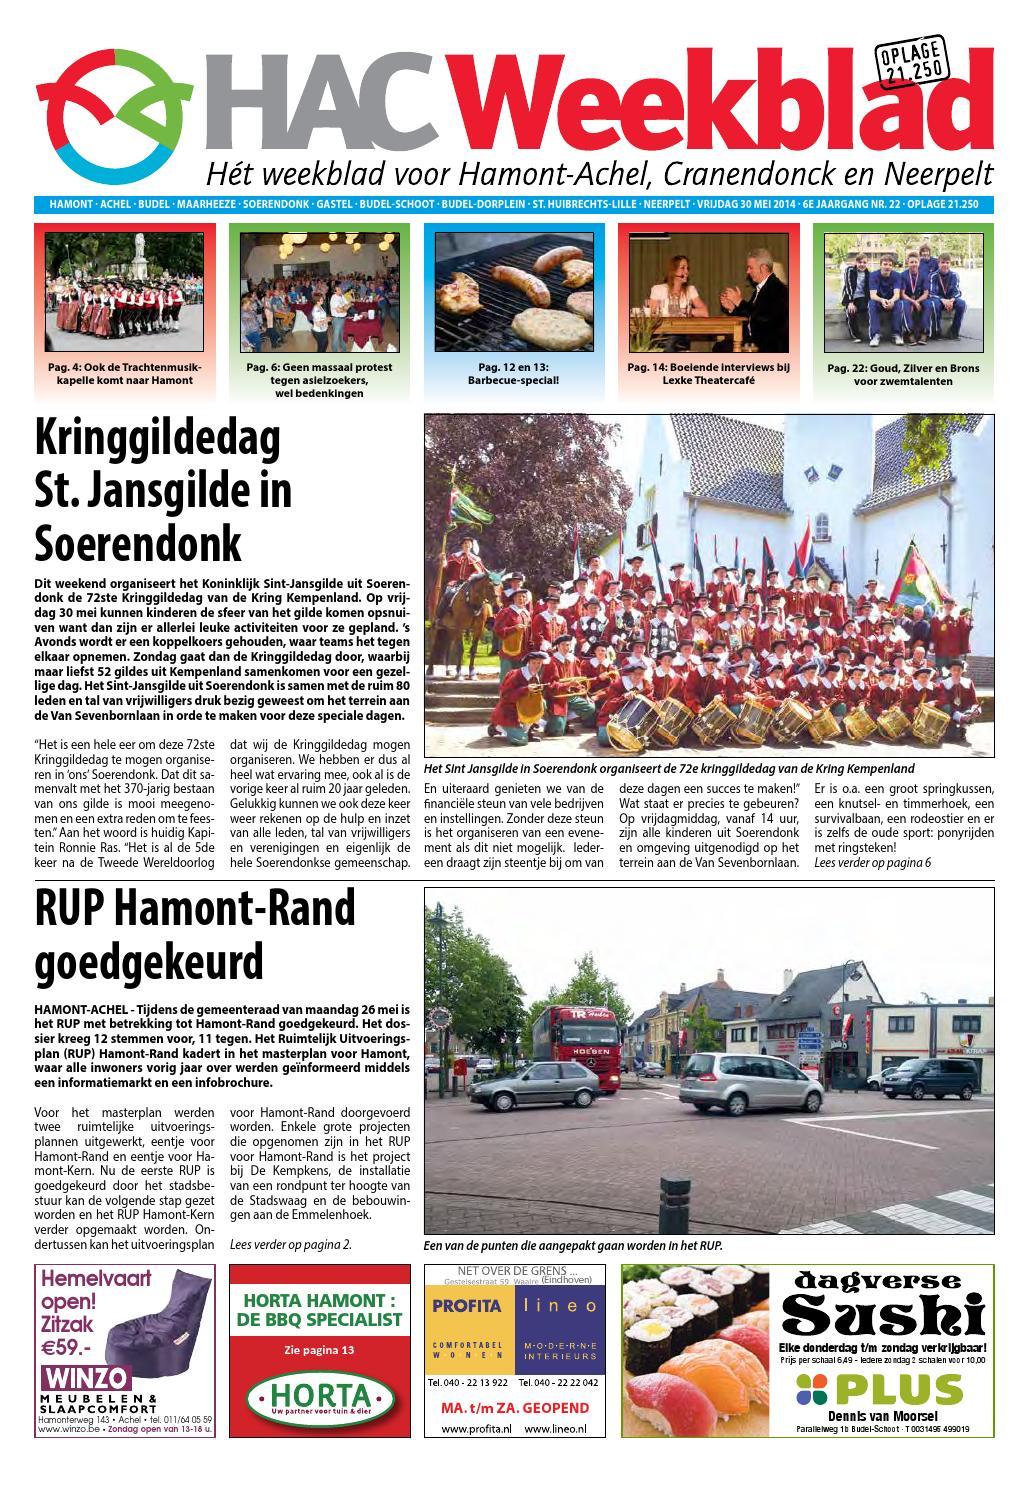 Ik Hou Van Holland Zitzak.Hac Weekblad Week 22 2014 By Hac Weekblad Issuu